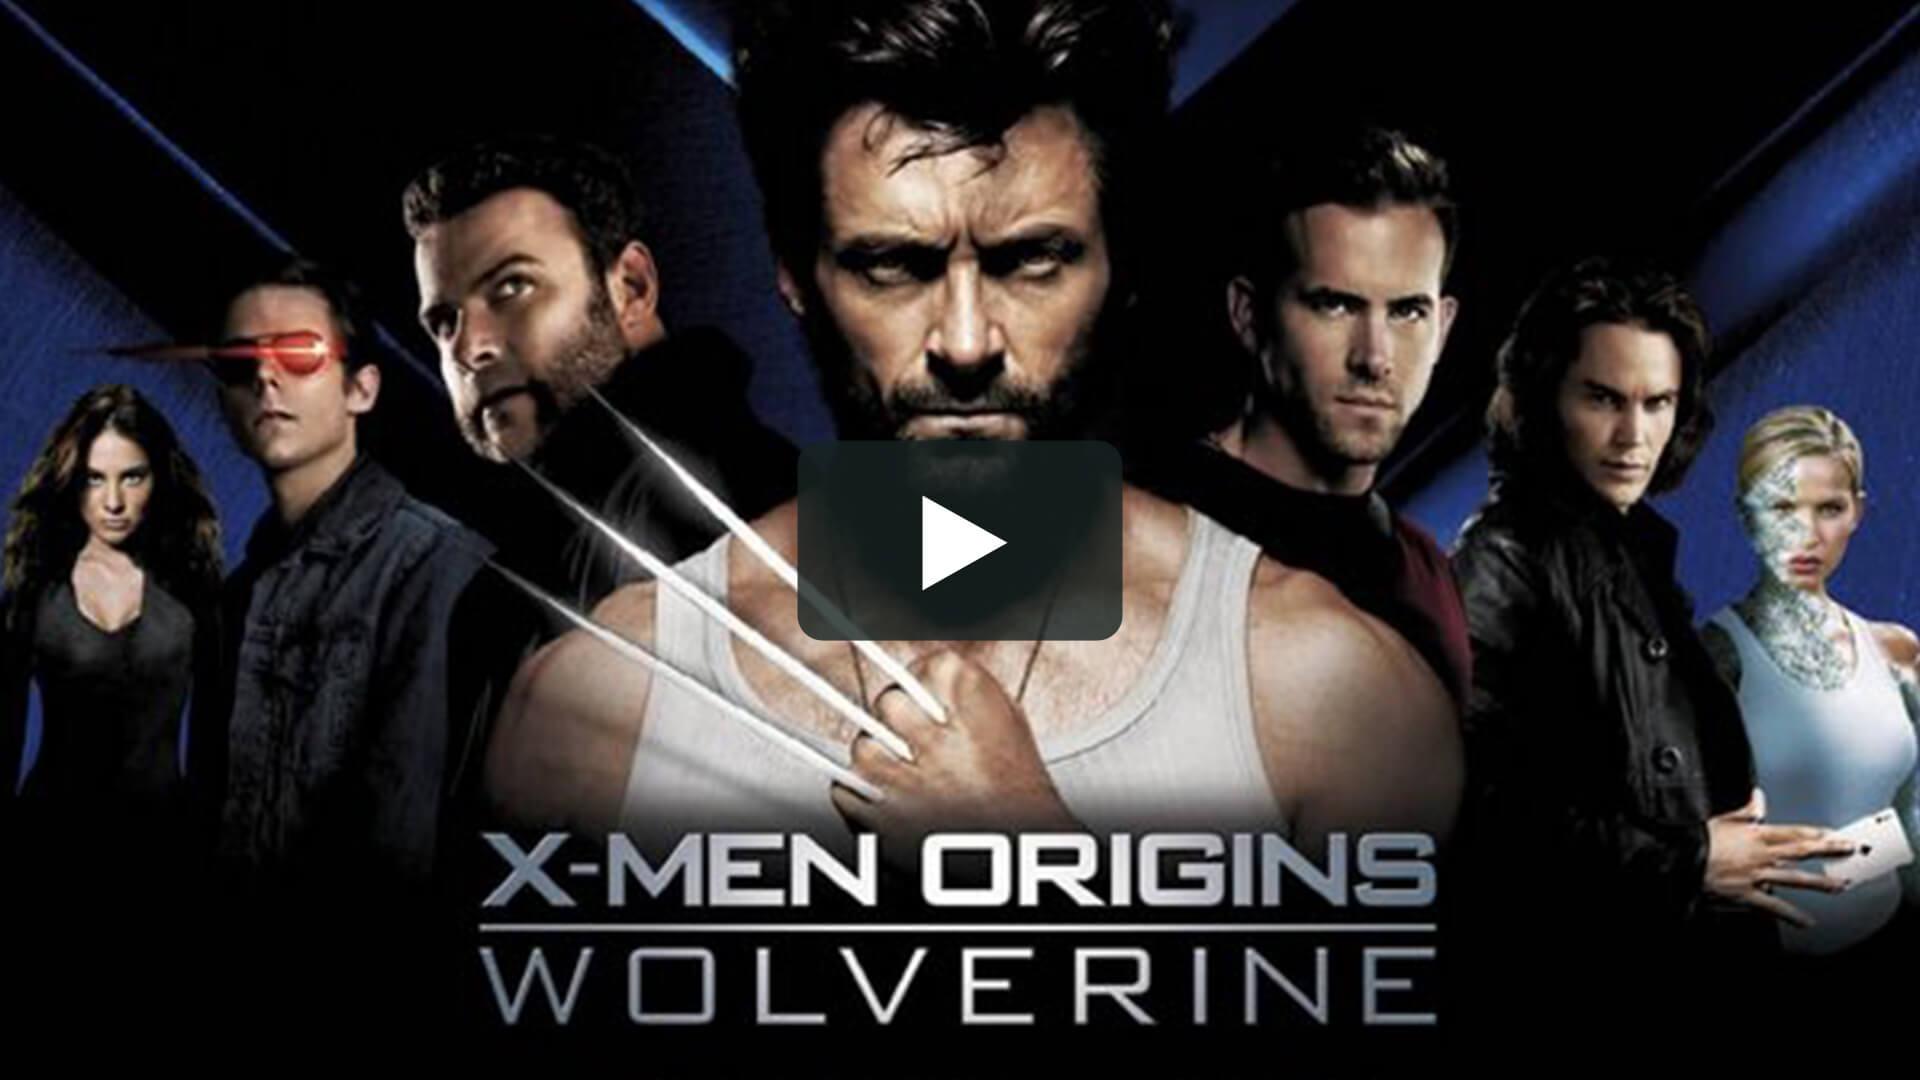 X-Men Origins: Wolverine - 金剛狼